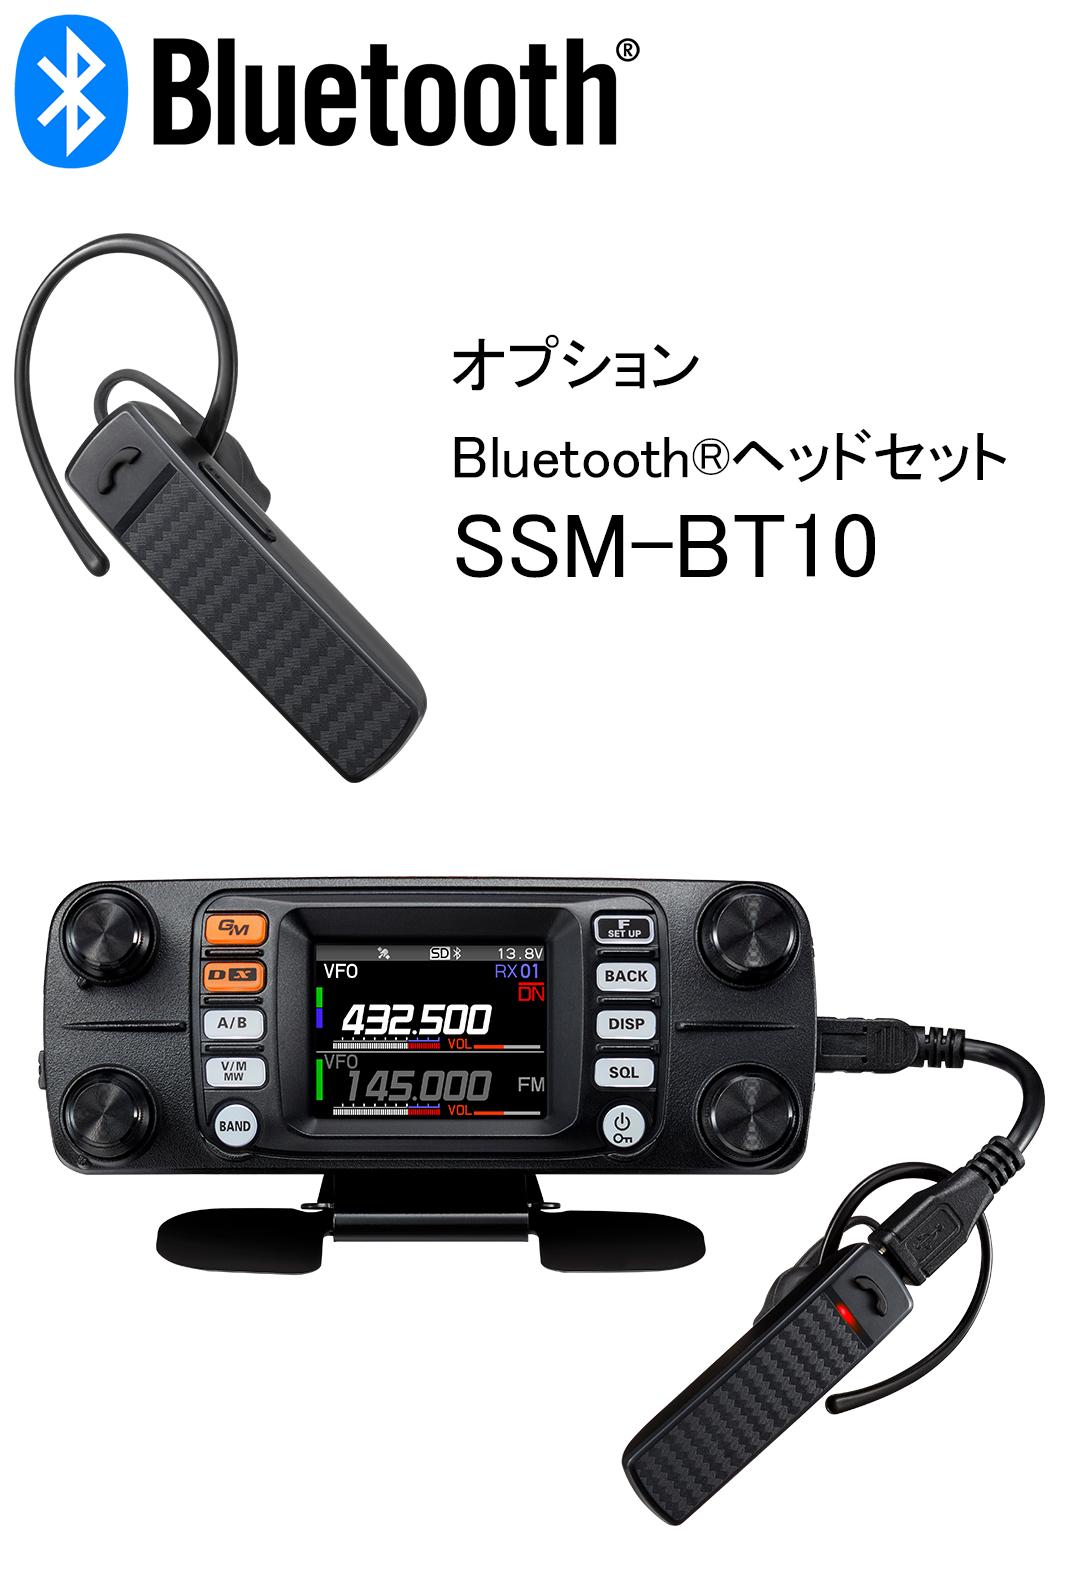 コントローラからのSSM-BT10 充電イメージ